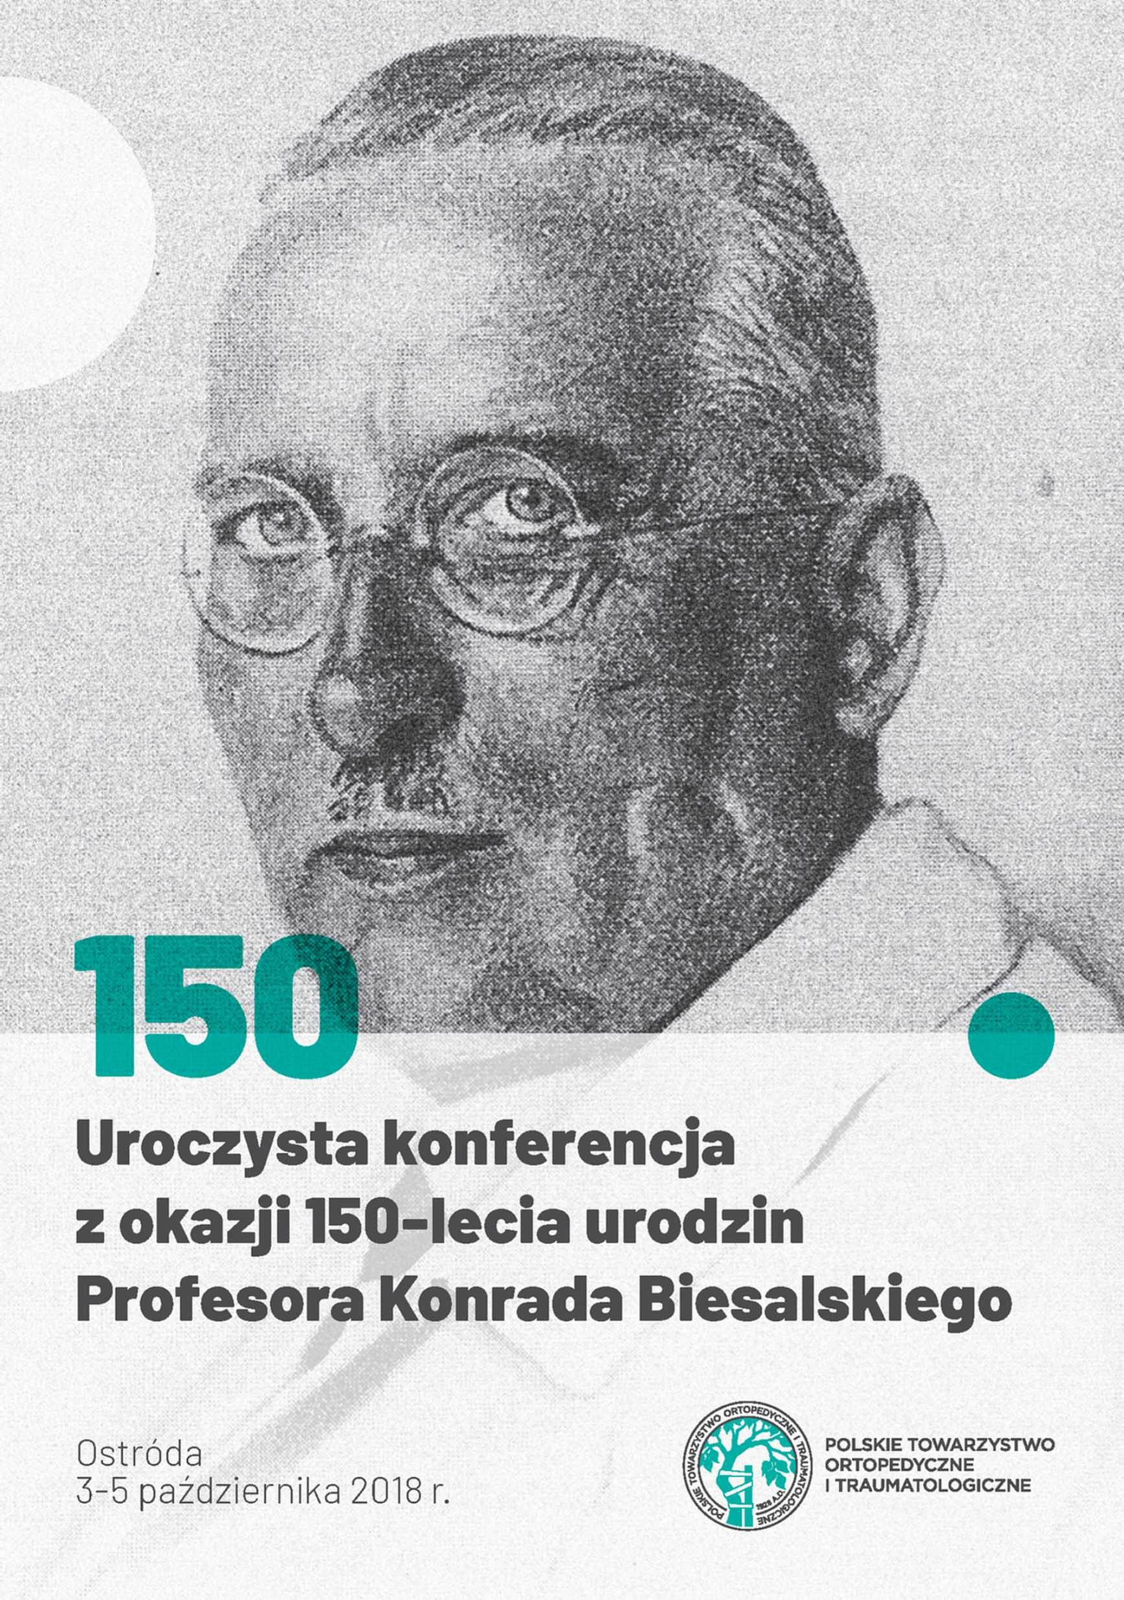 Konrad Biesalski